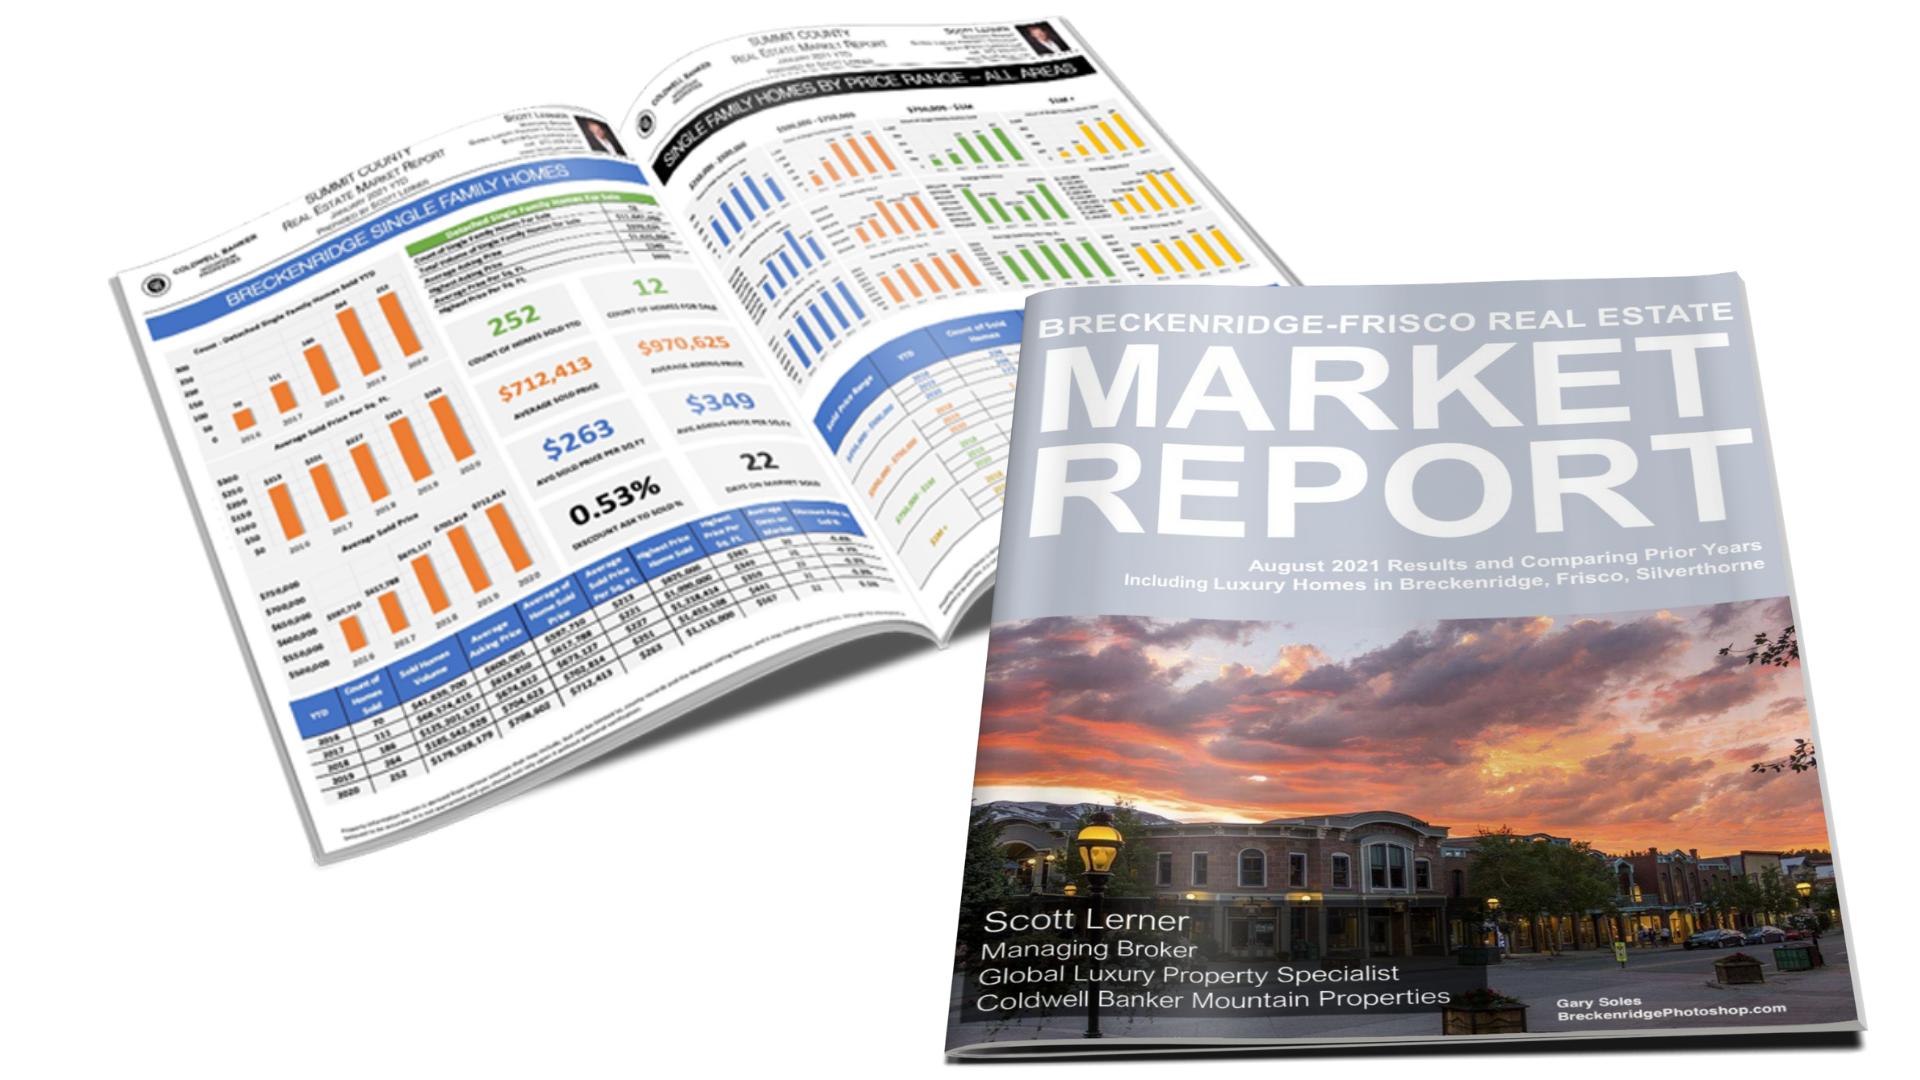 Breckenridge-Frisco Area Real Estate Market Report August 2021